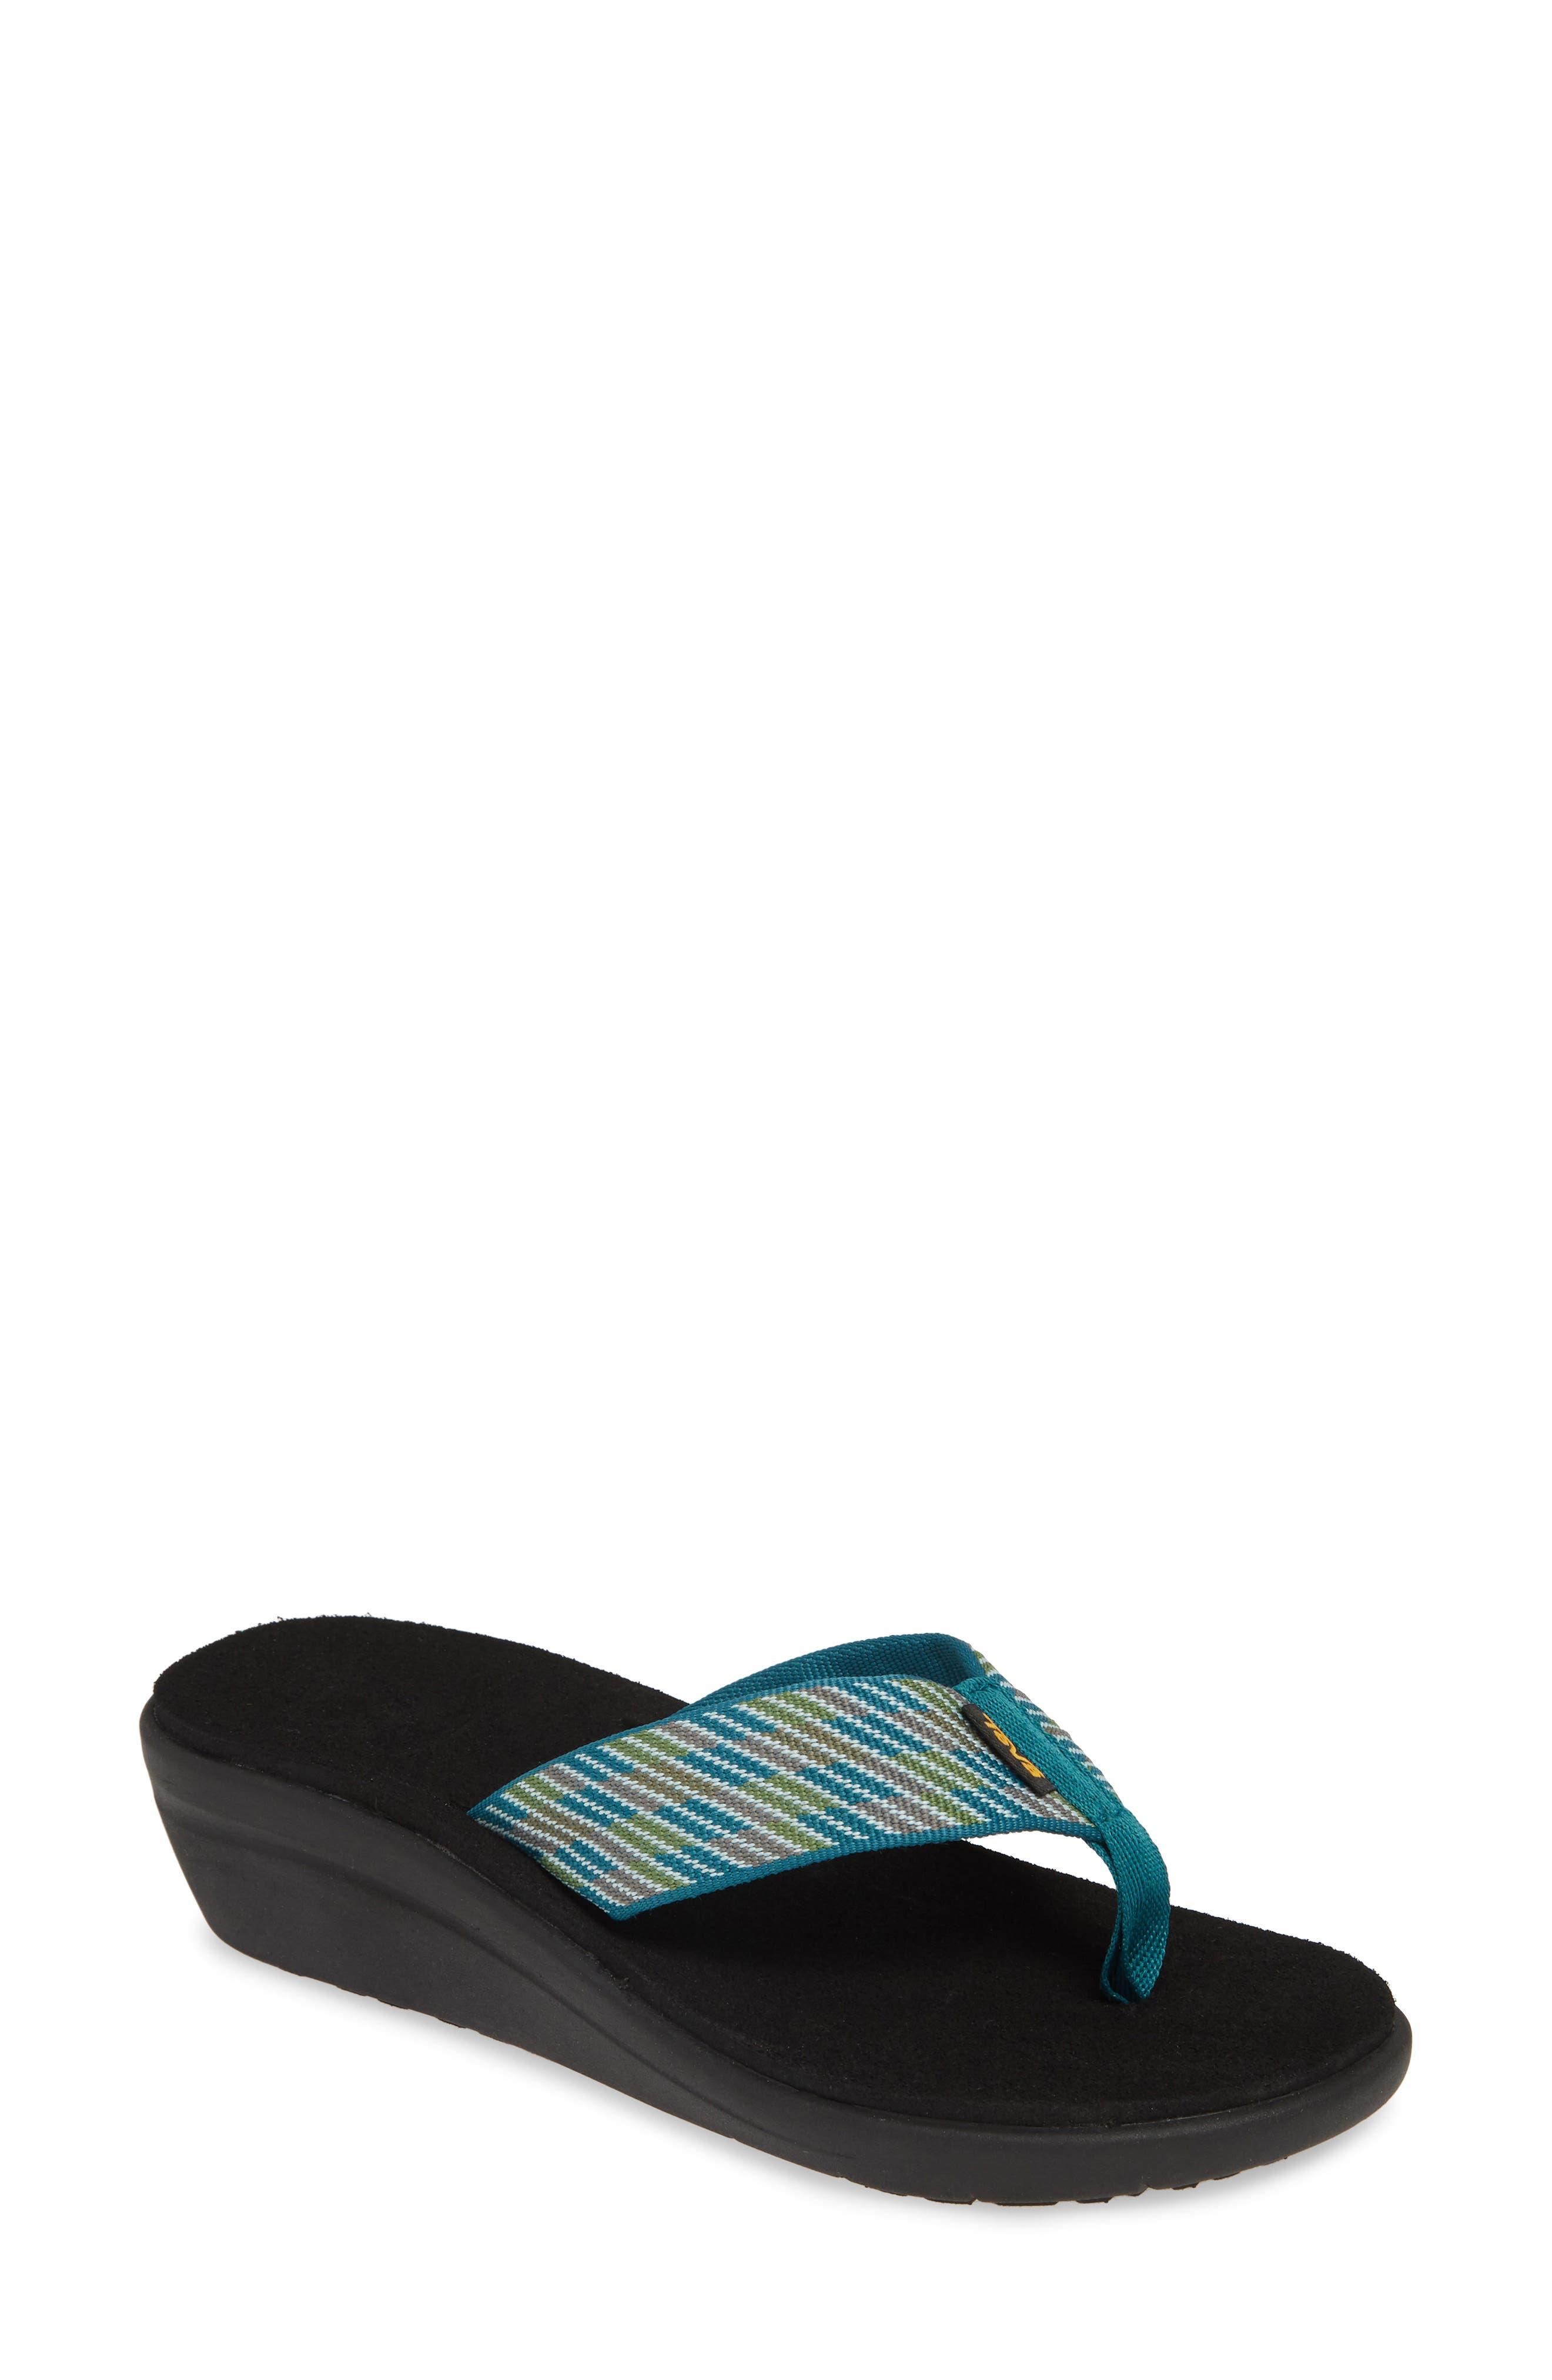 833f2065c Women s Flip Flops Comfortable Wedges